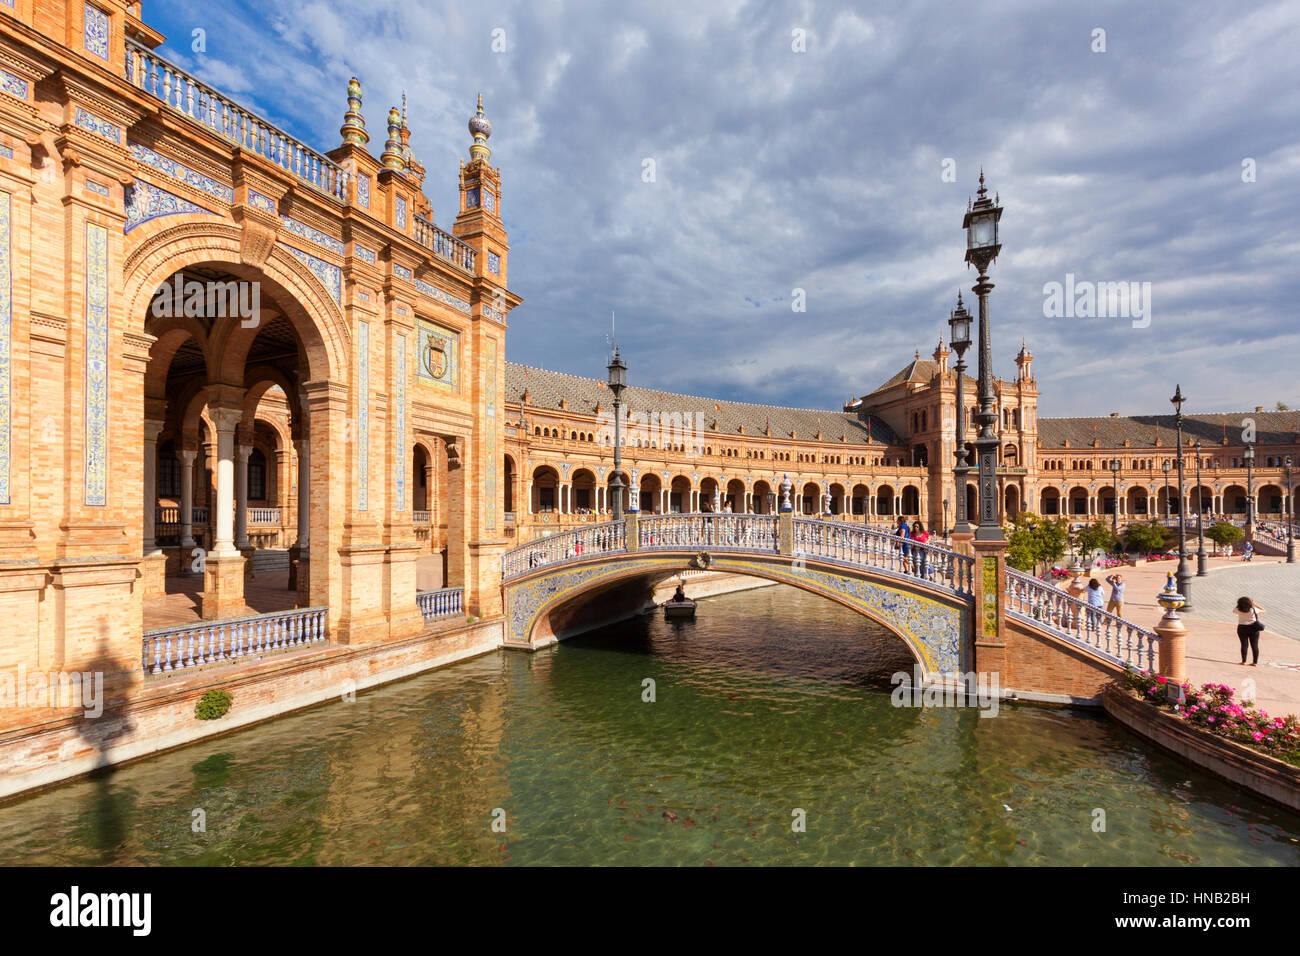 Séville, Espagne - 30 Avril 2016: Plaza de Espana, vue d'un pont sur le canal. Situé sur la Photo Stock